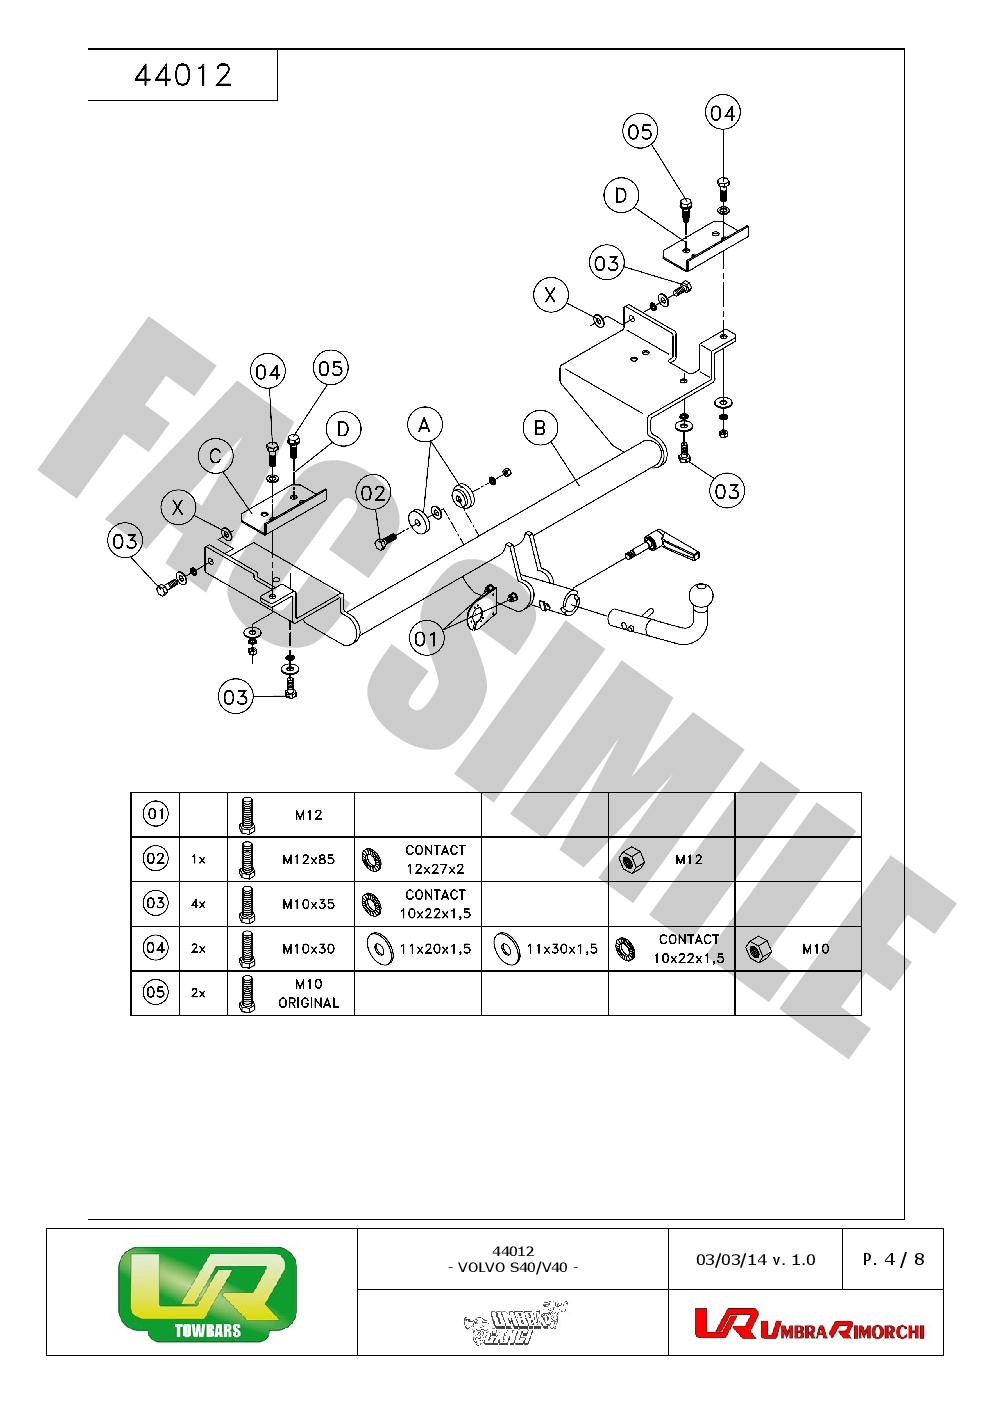 jaeger towbar wiring kit